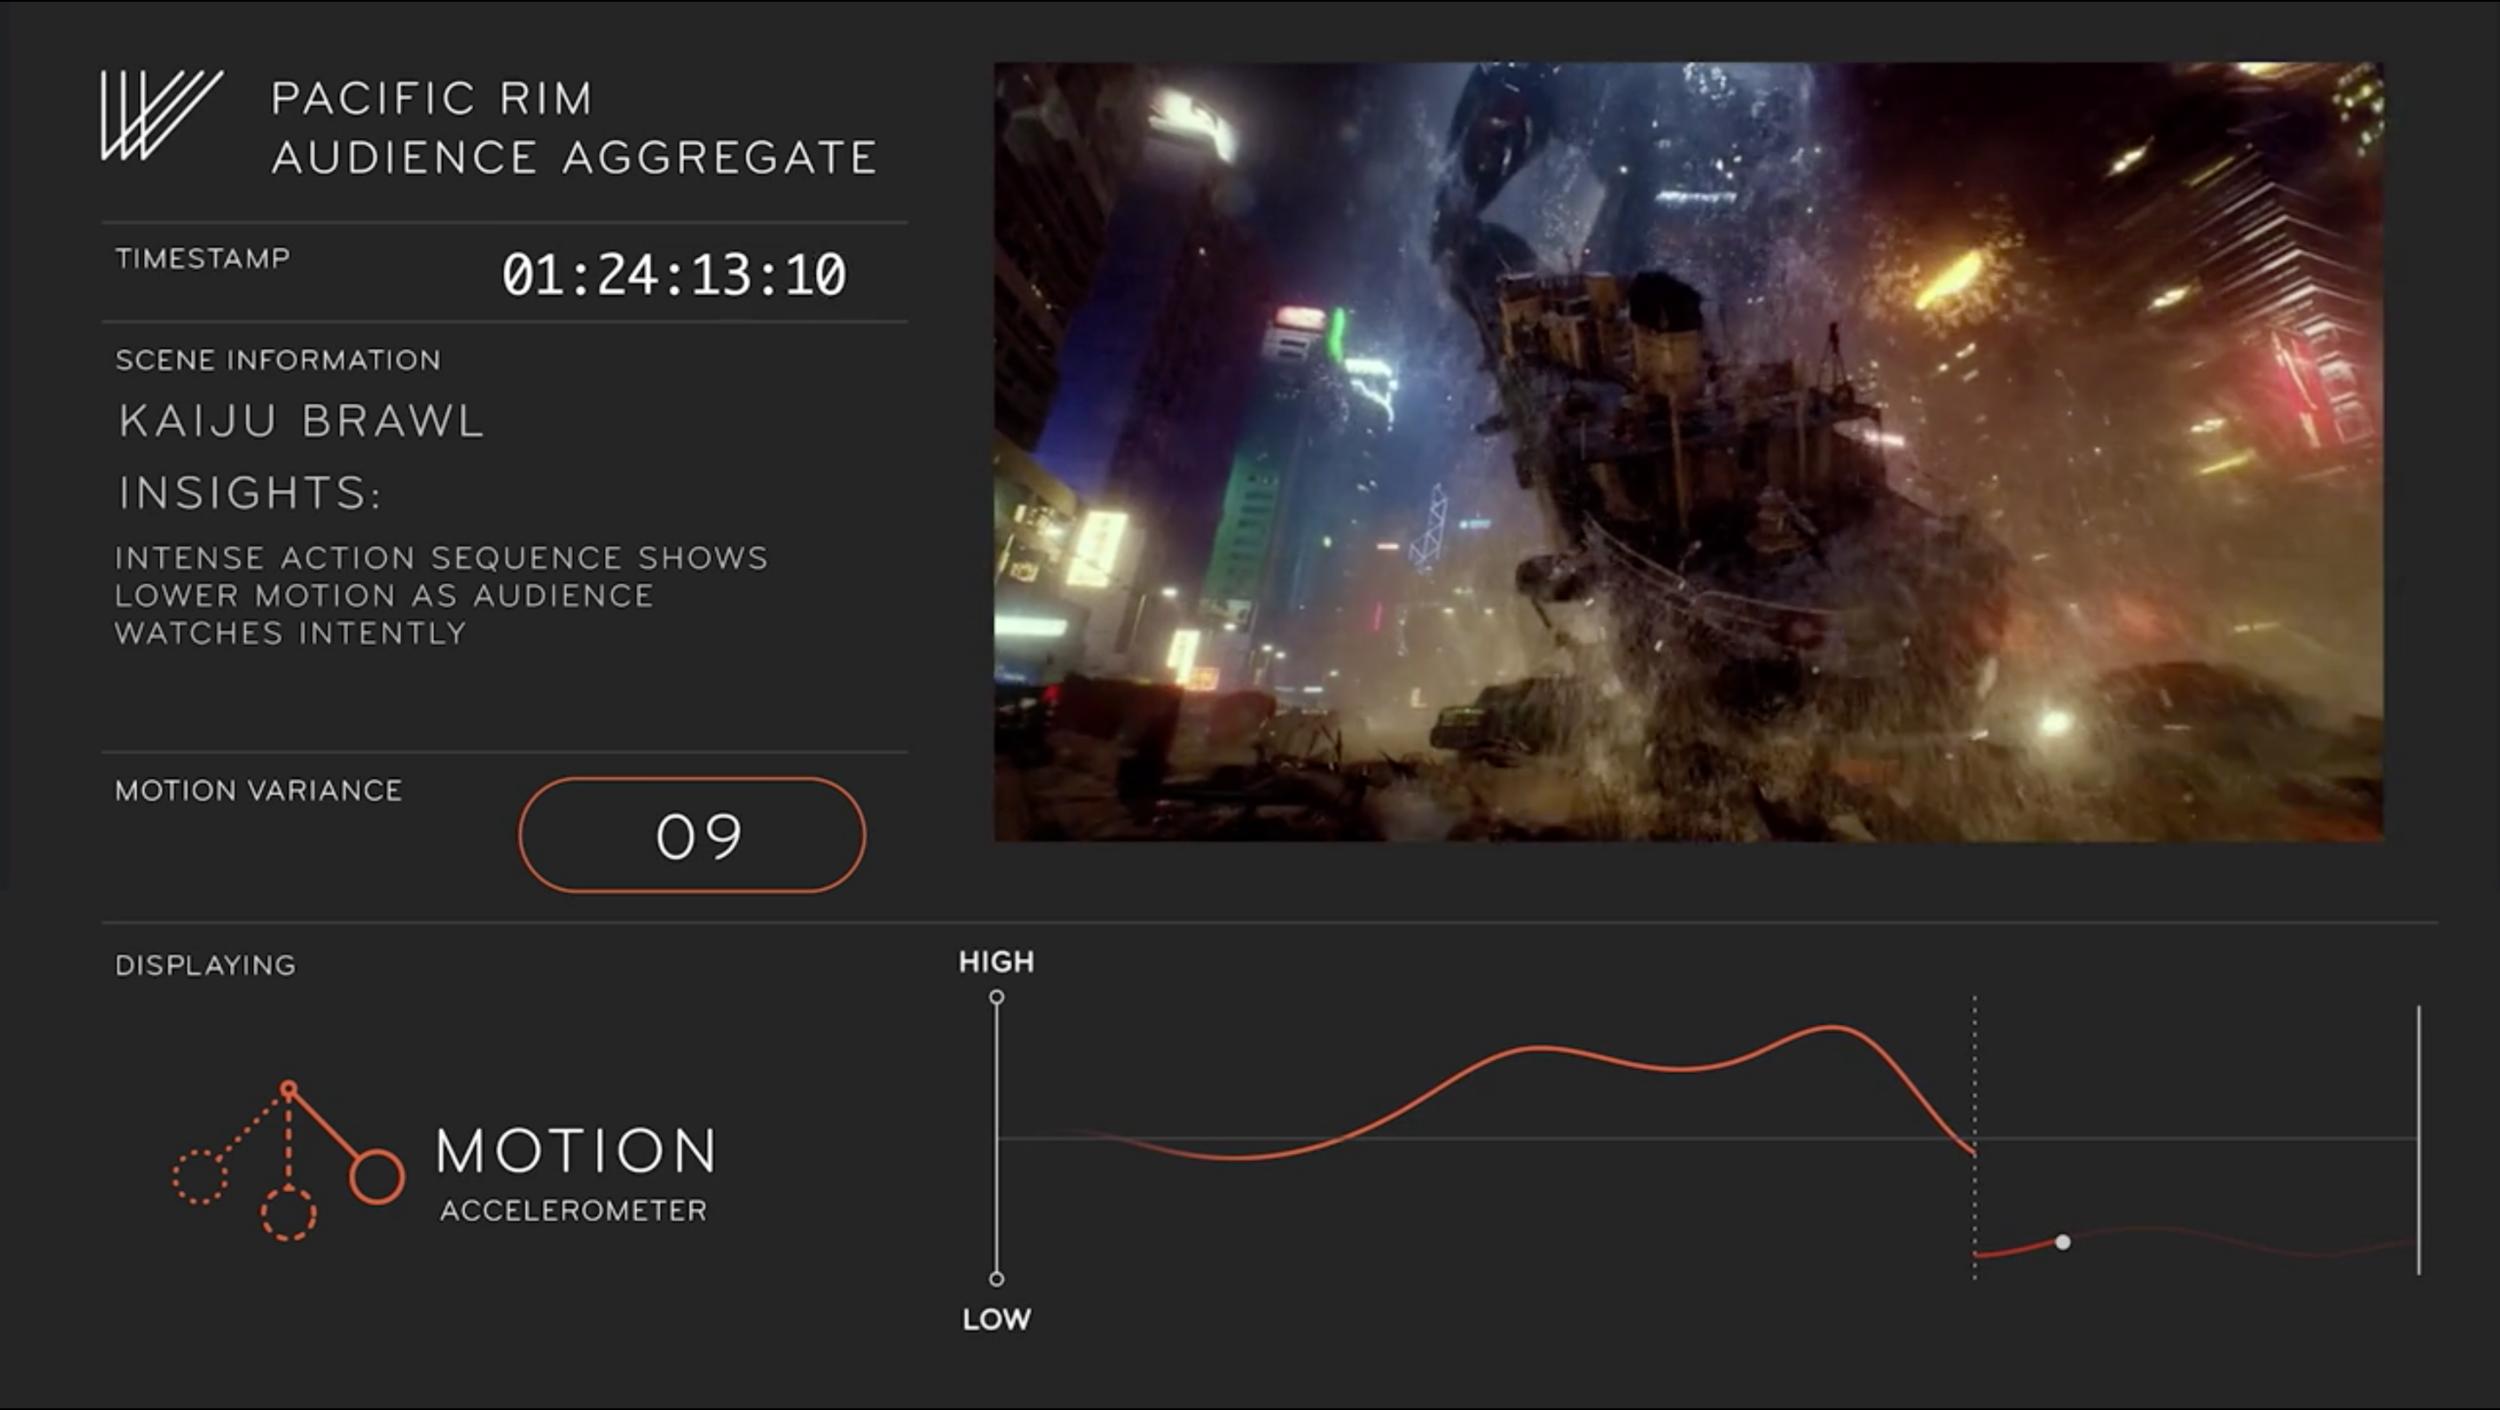 Screen+Shot+2014-11-26+at+12.43.11+PM.png